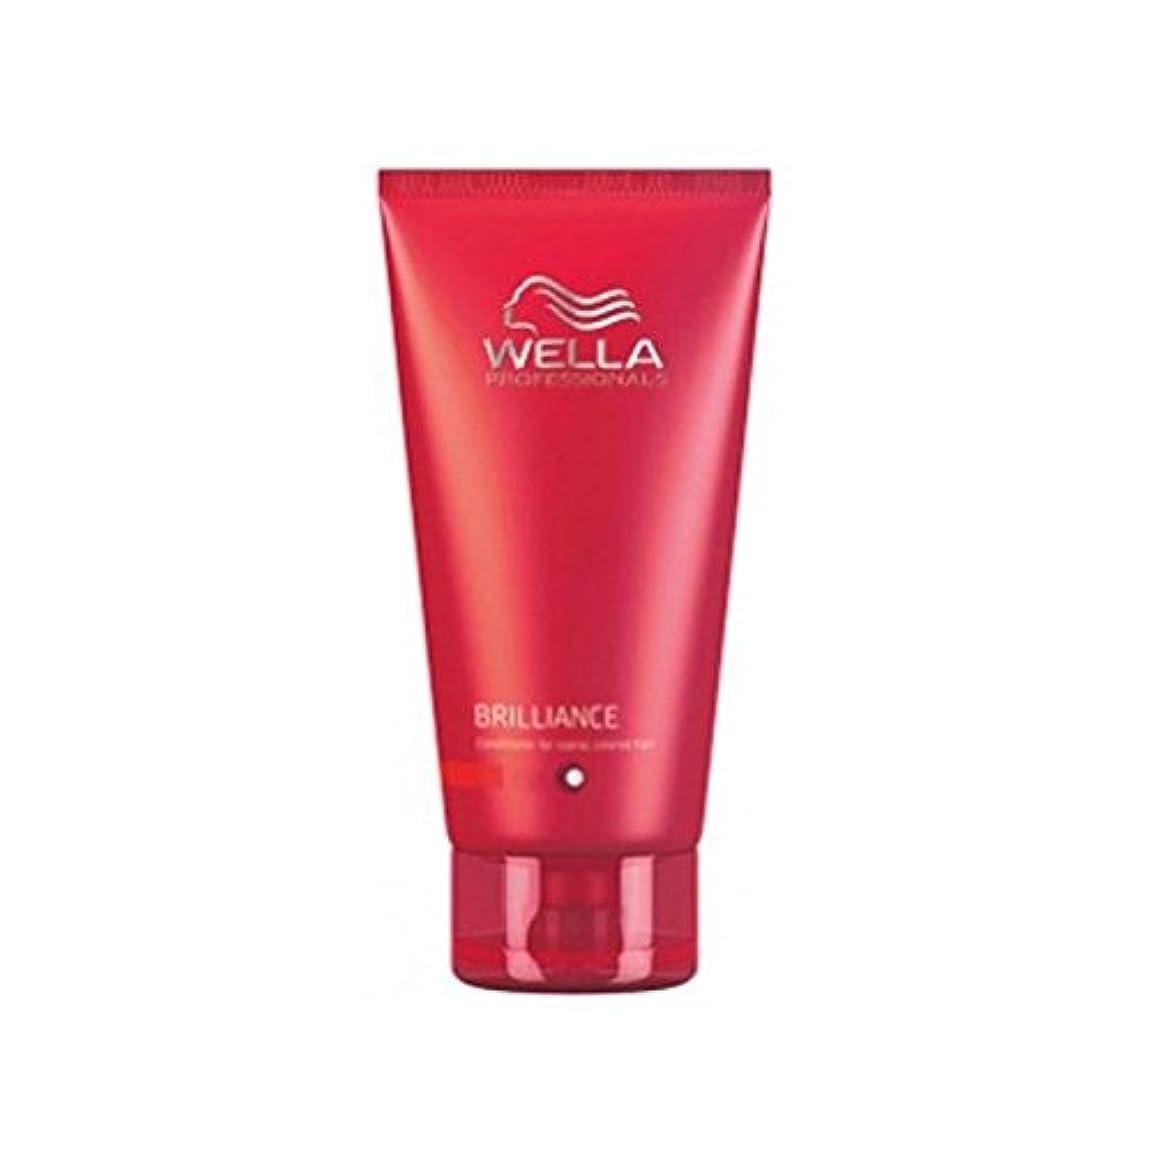 スチュワード本チャンスウェラの専門家が通常に細かいためのコンディショナーを輝き、色の髪(200ミリリットル) x4 - Wella Professionals Brilliance Conditioner For Fine To Normal...